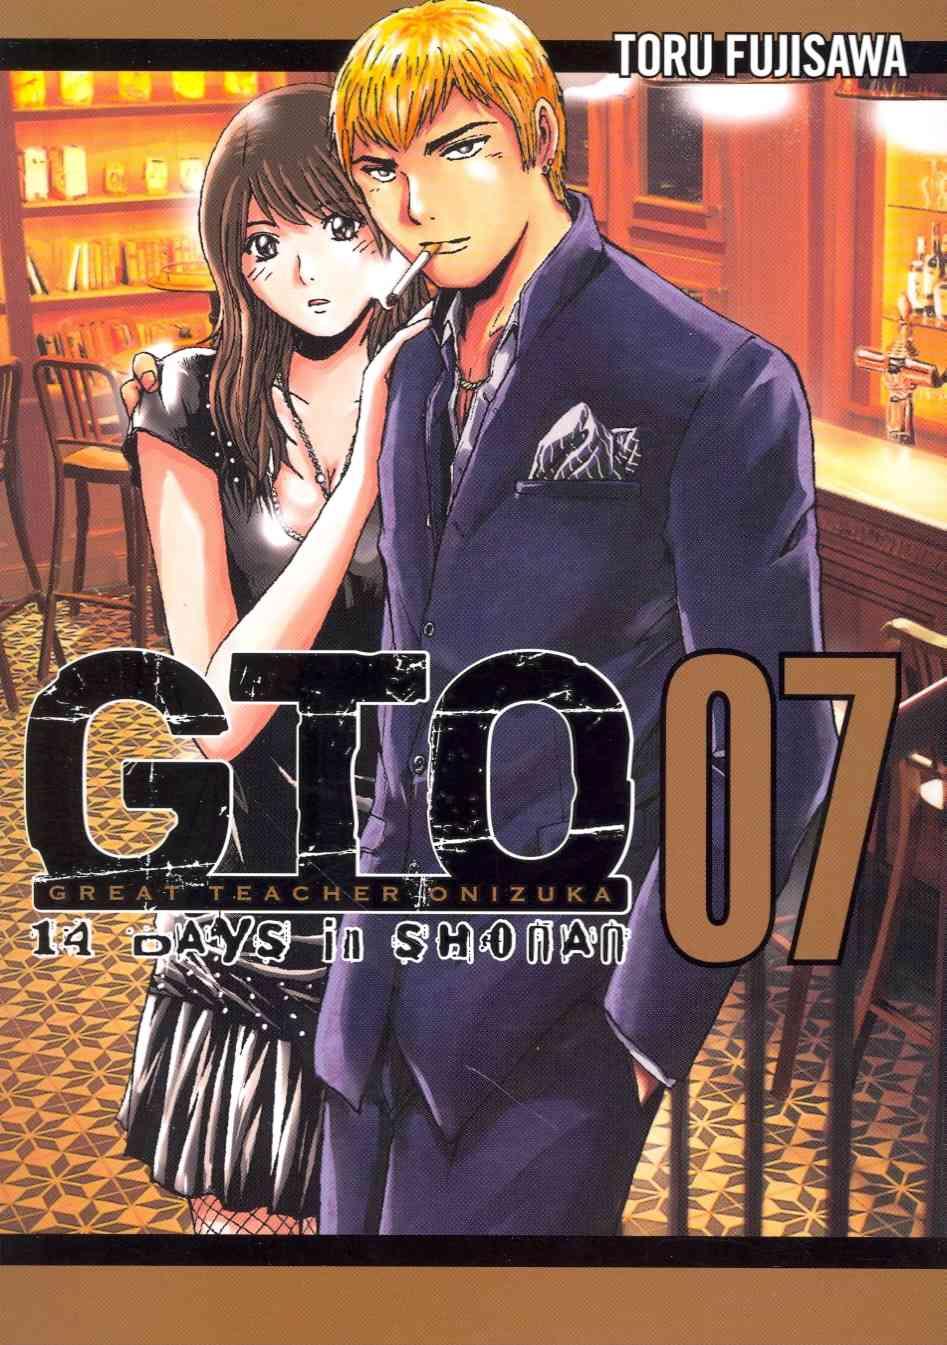 Gto: 14 Days in Shonan 7 By Fujisawa, Tohru